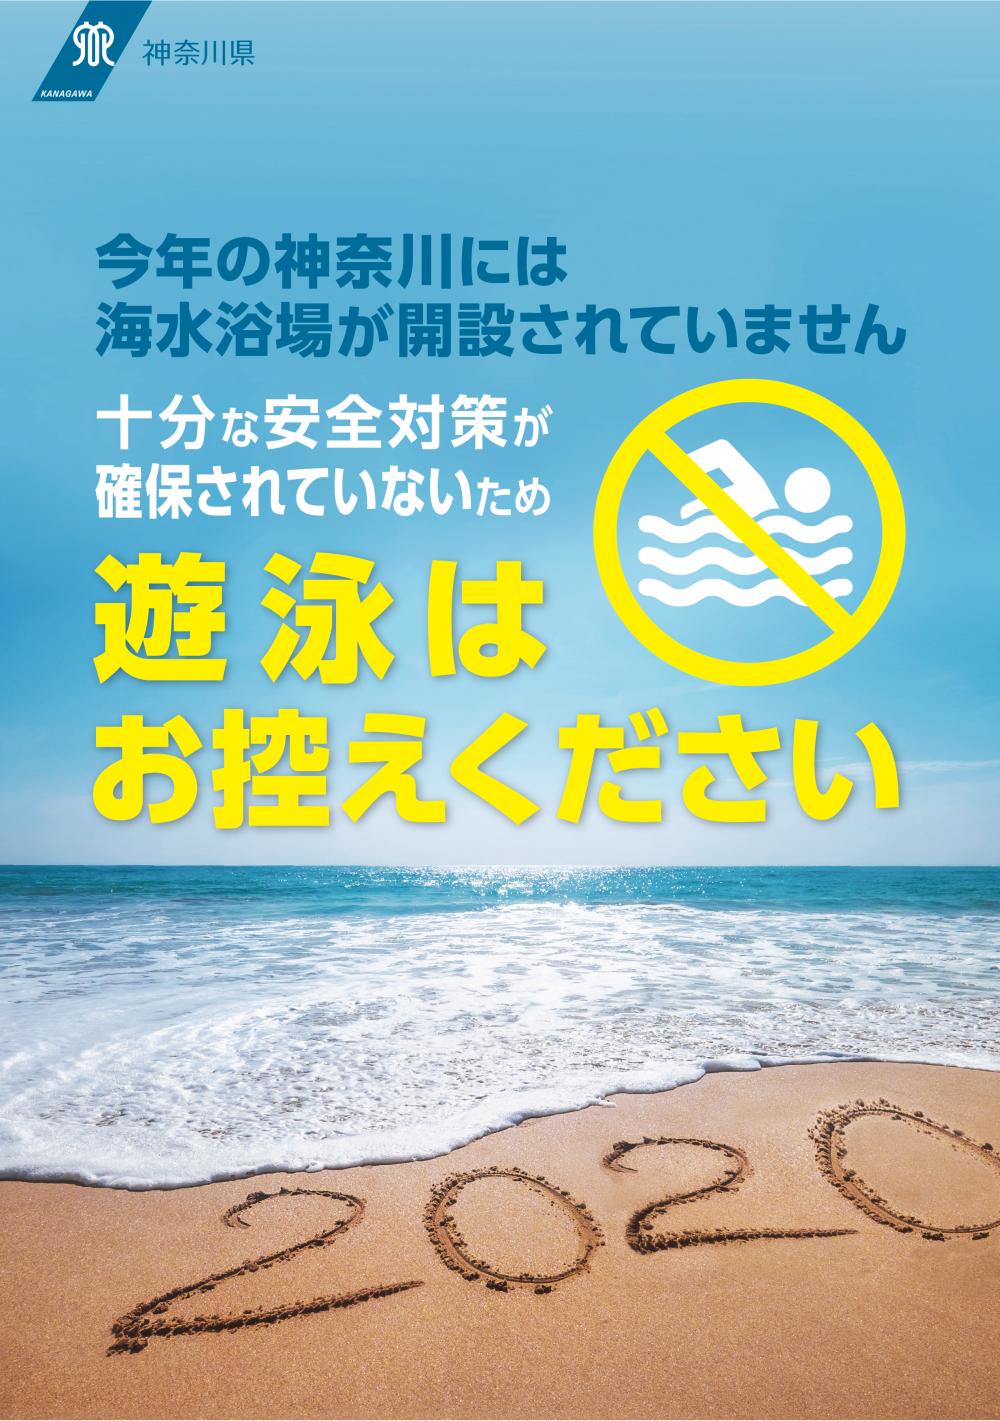 神奈川県海水浴場開設中止啓発ポスター